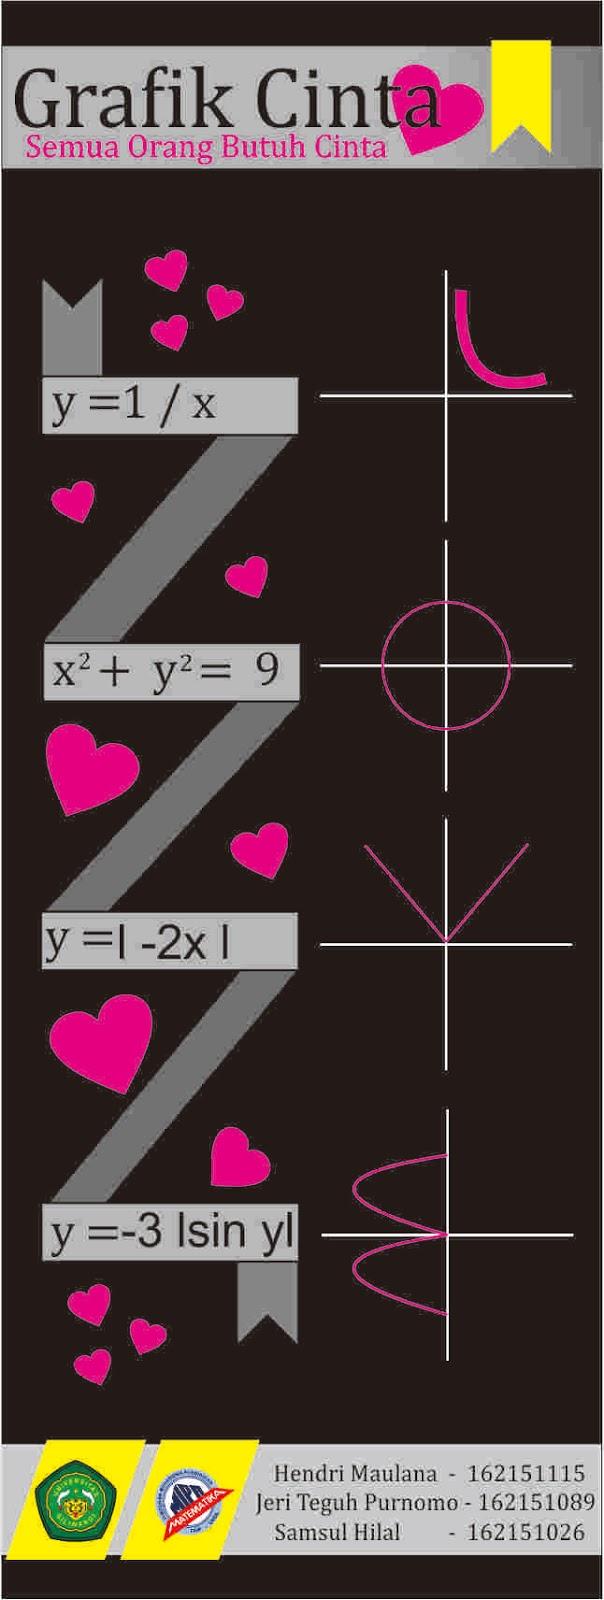 Rumus Cinta Bmkg : rumus, cinta, Grafik, Cinta, Matematika, Dasar